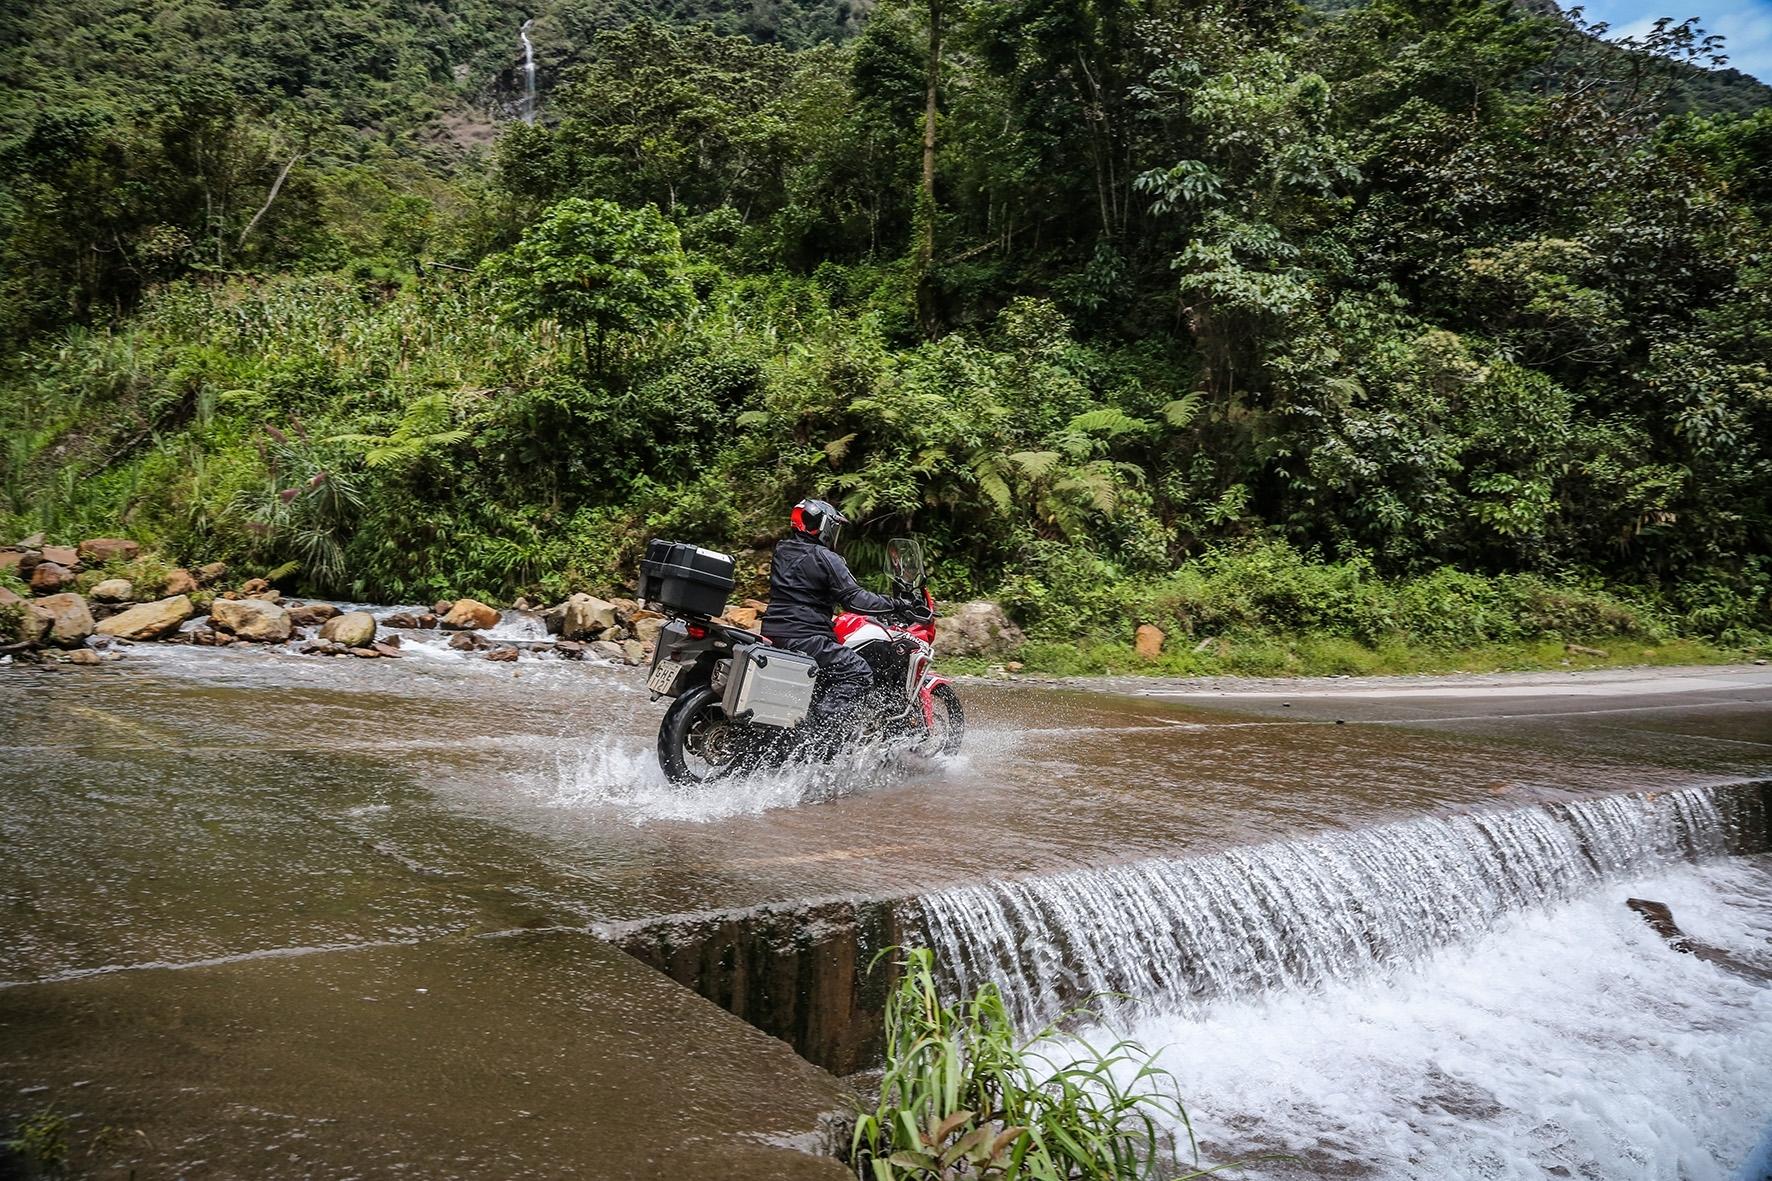 Modelos como a Honda Africa Twin permitem logas viagens sem preocupações com o tipo de terreno